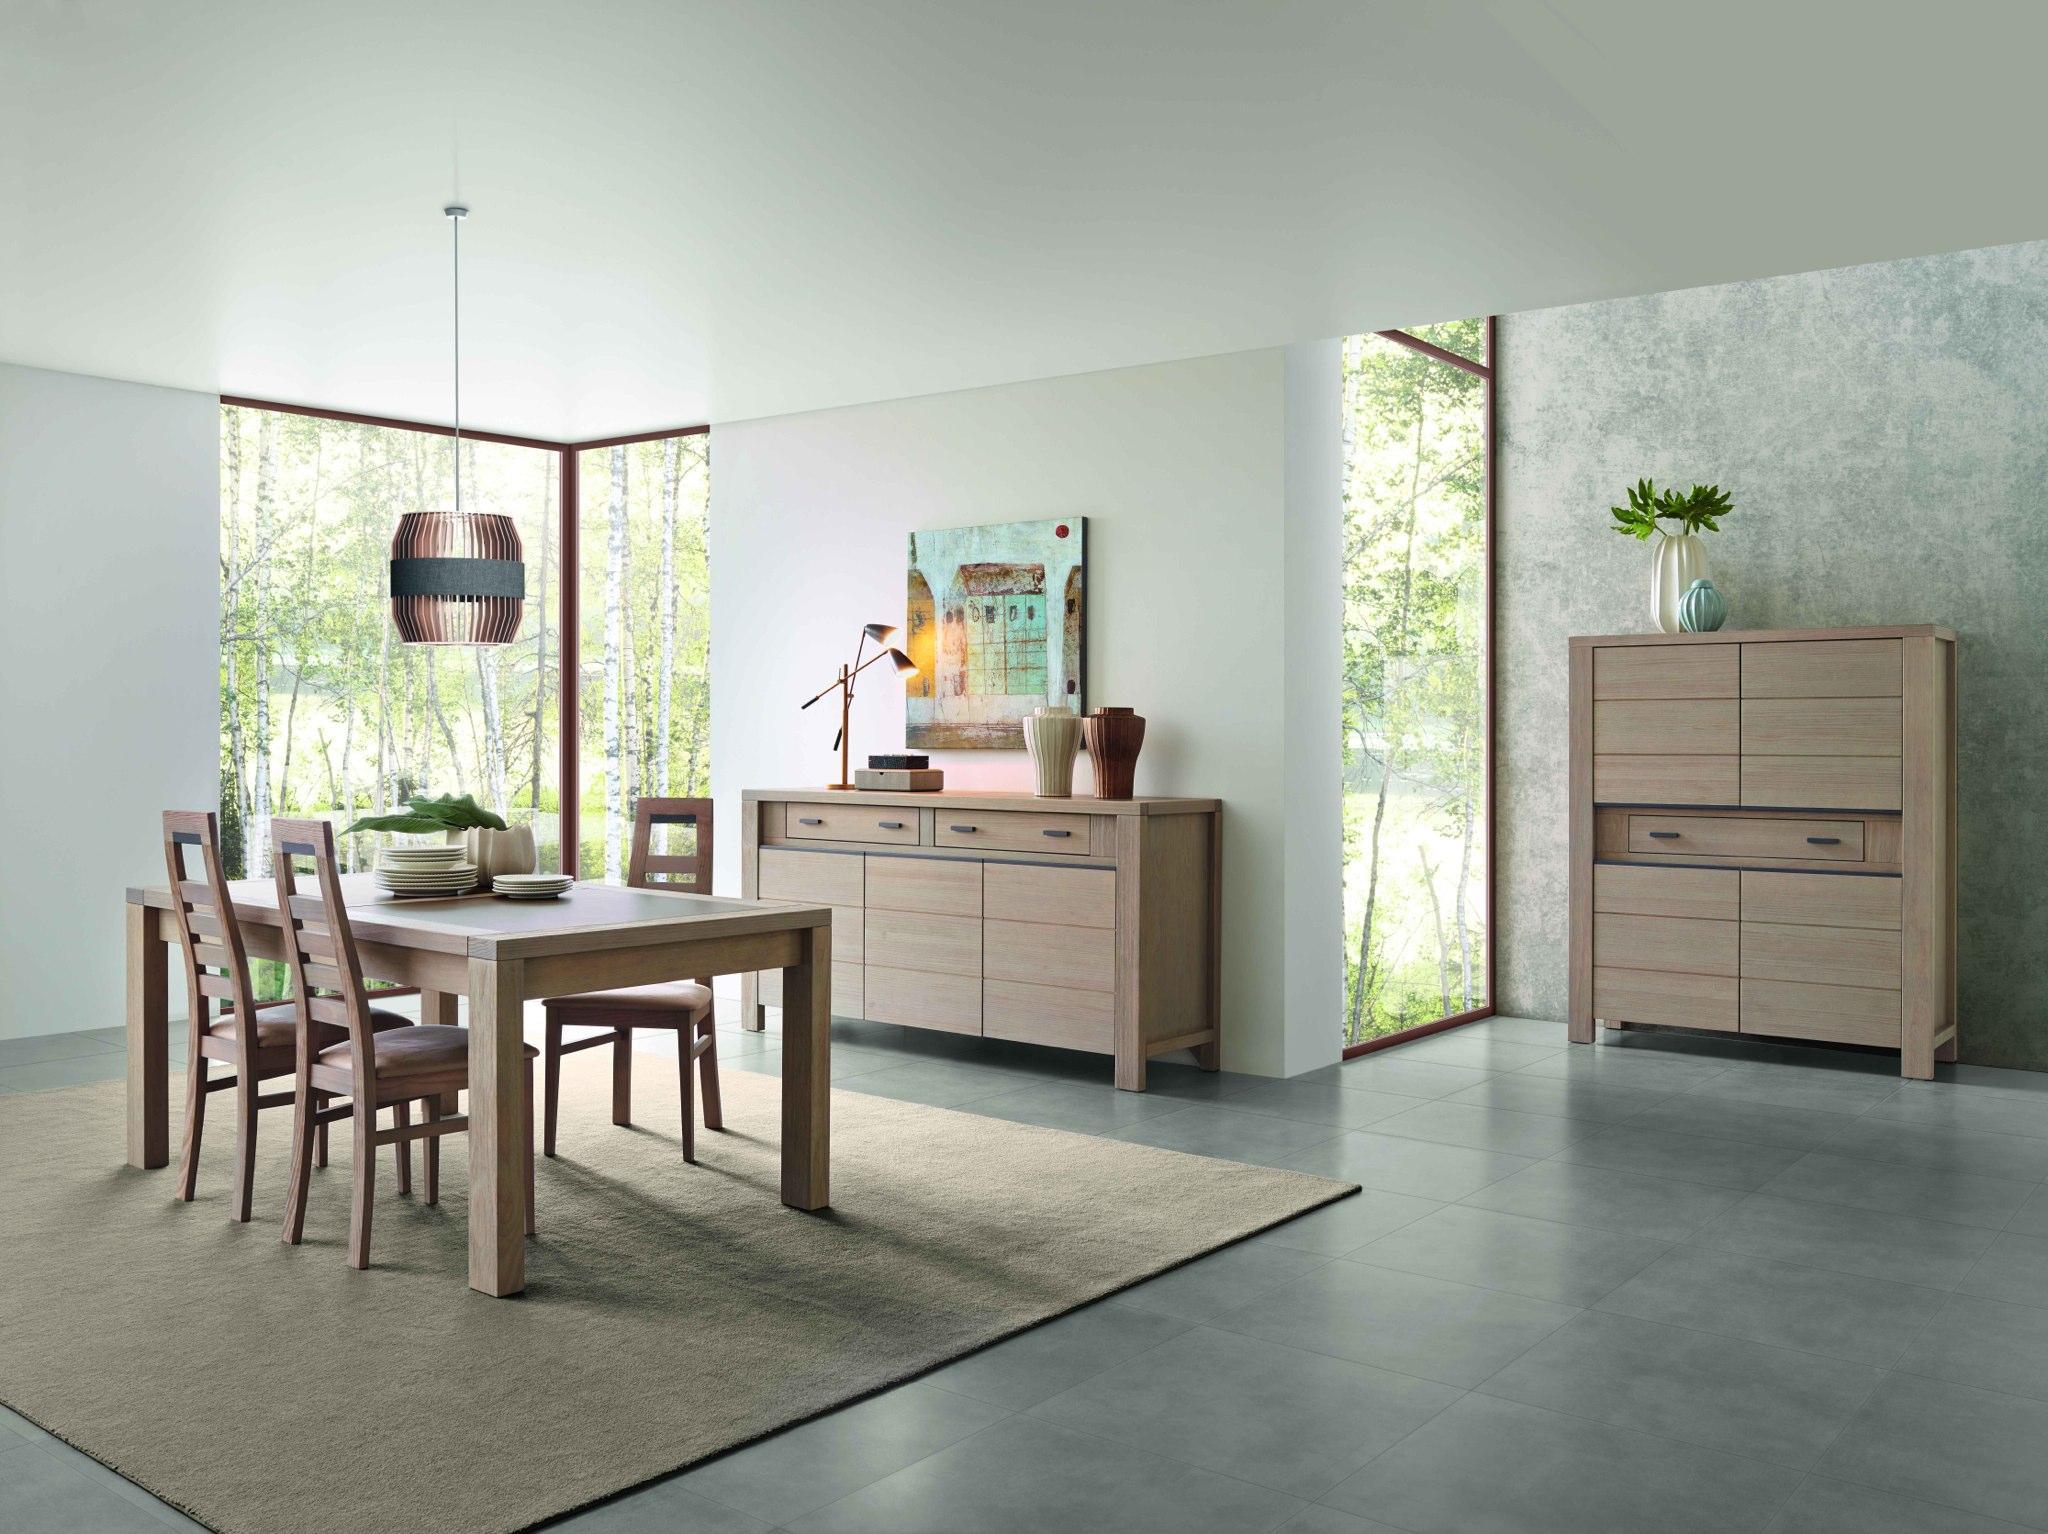 ambiance ameublement lorient. meubles et décoration - lorient